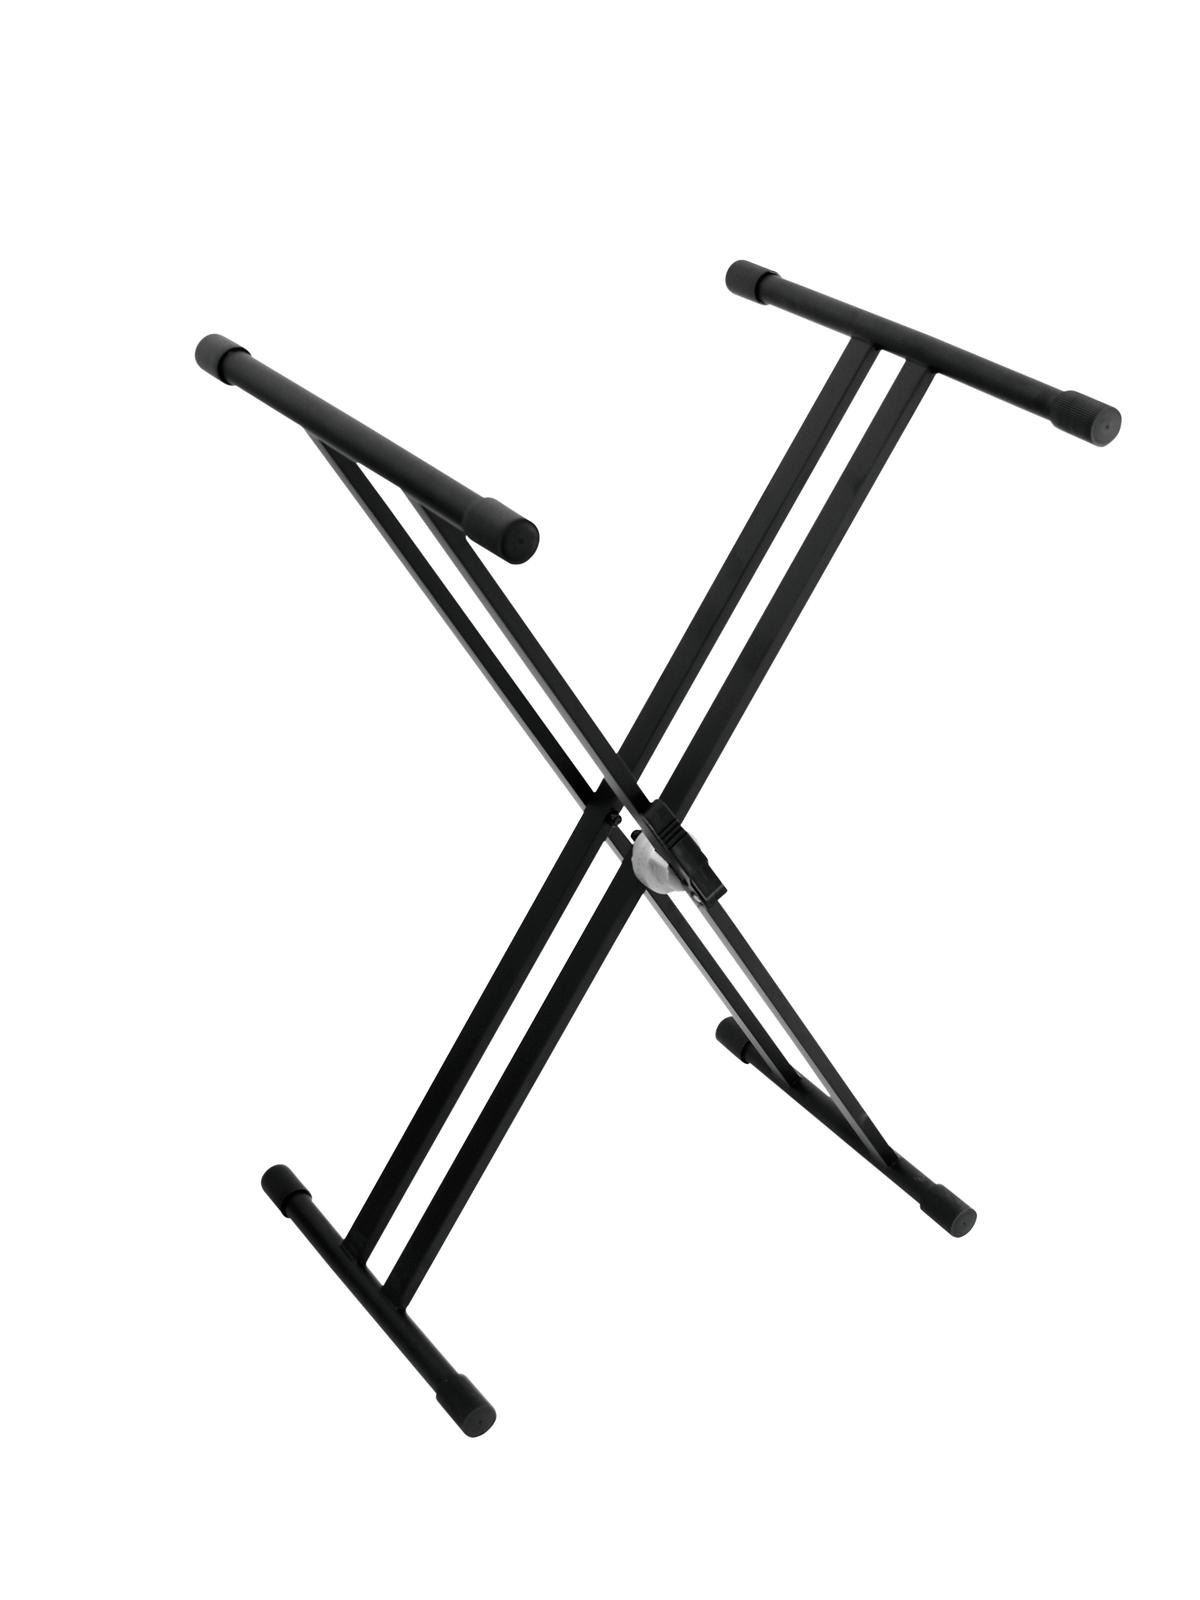 DIMAVERY SV-1 Tastiera Stand con Morsetto di bloccaggio